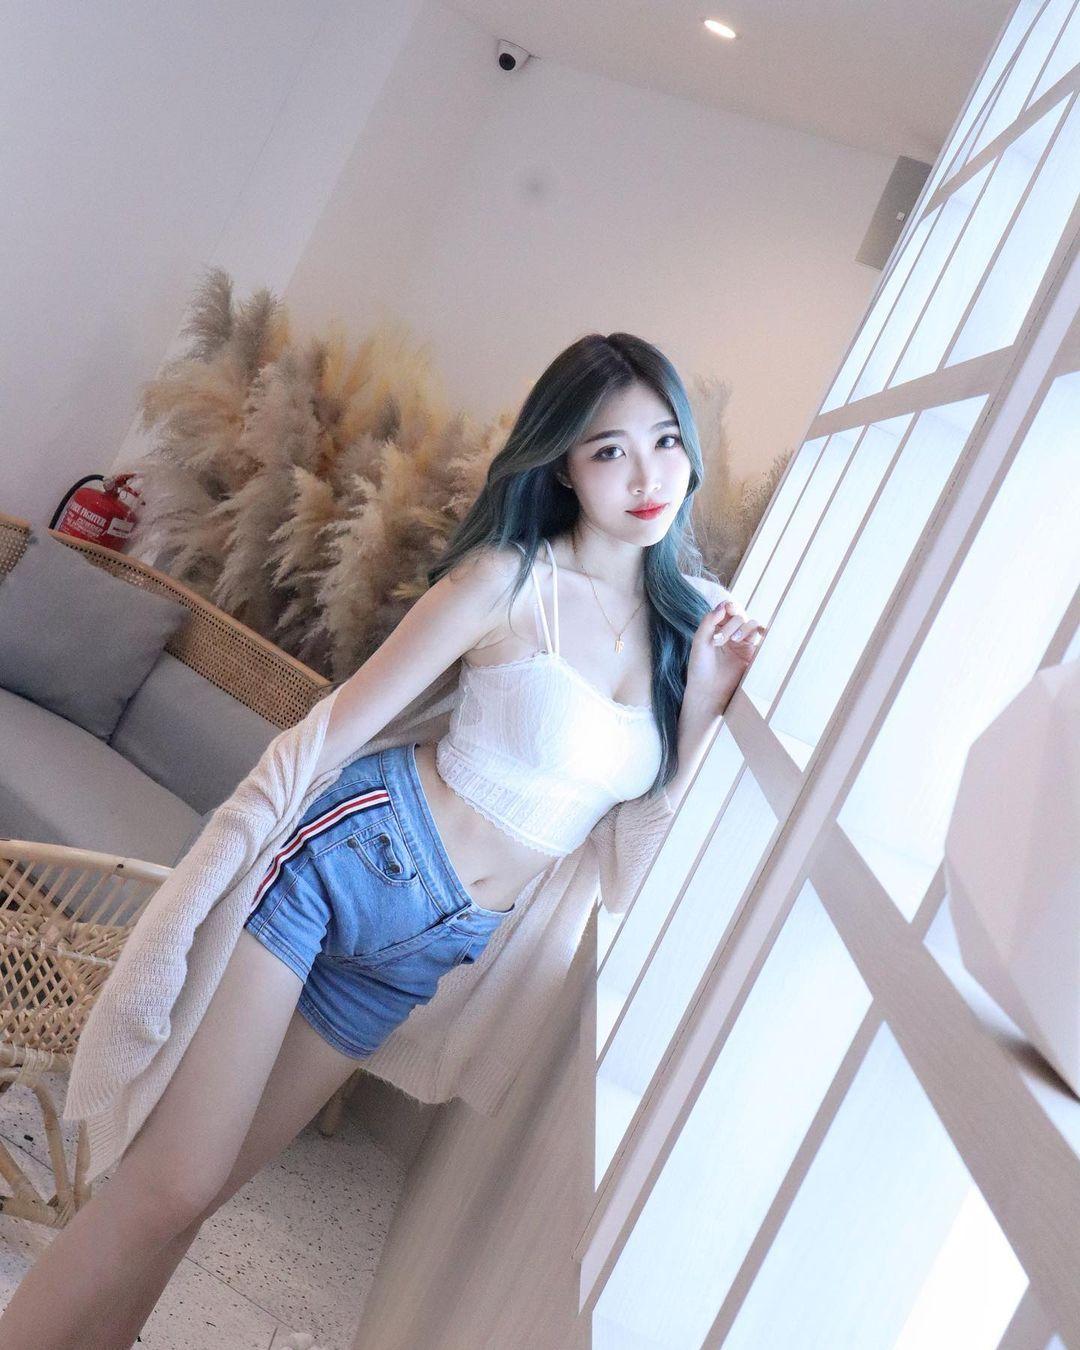 [正妹]清凉一下马来西亚网红[Fedora粉朵拉]轻薄衣物露出白皙肌肤 养眼图片 第4张